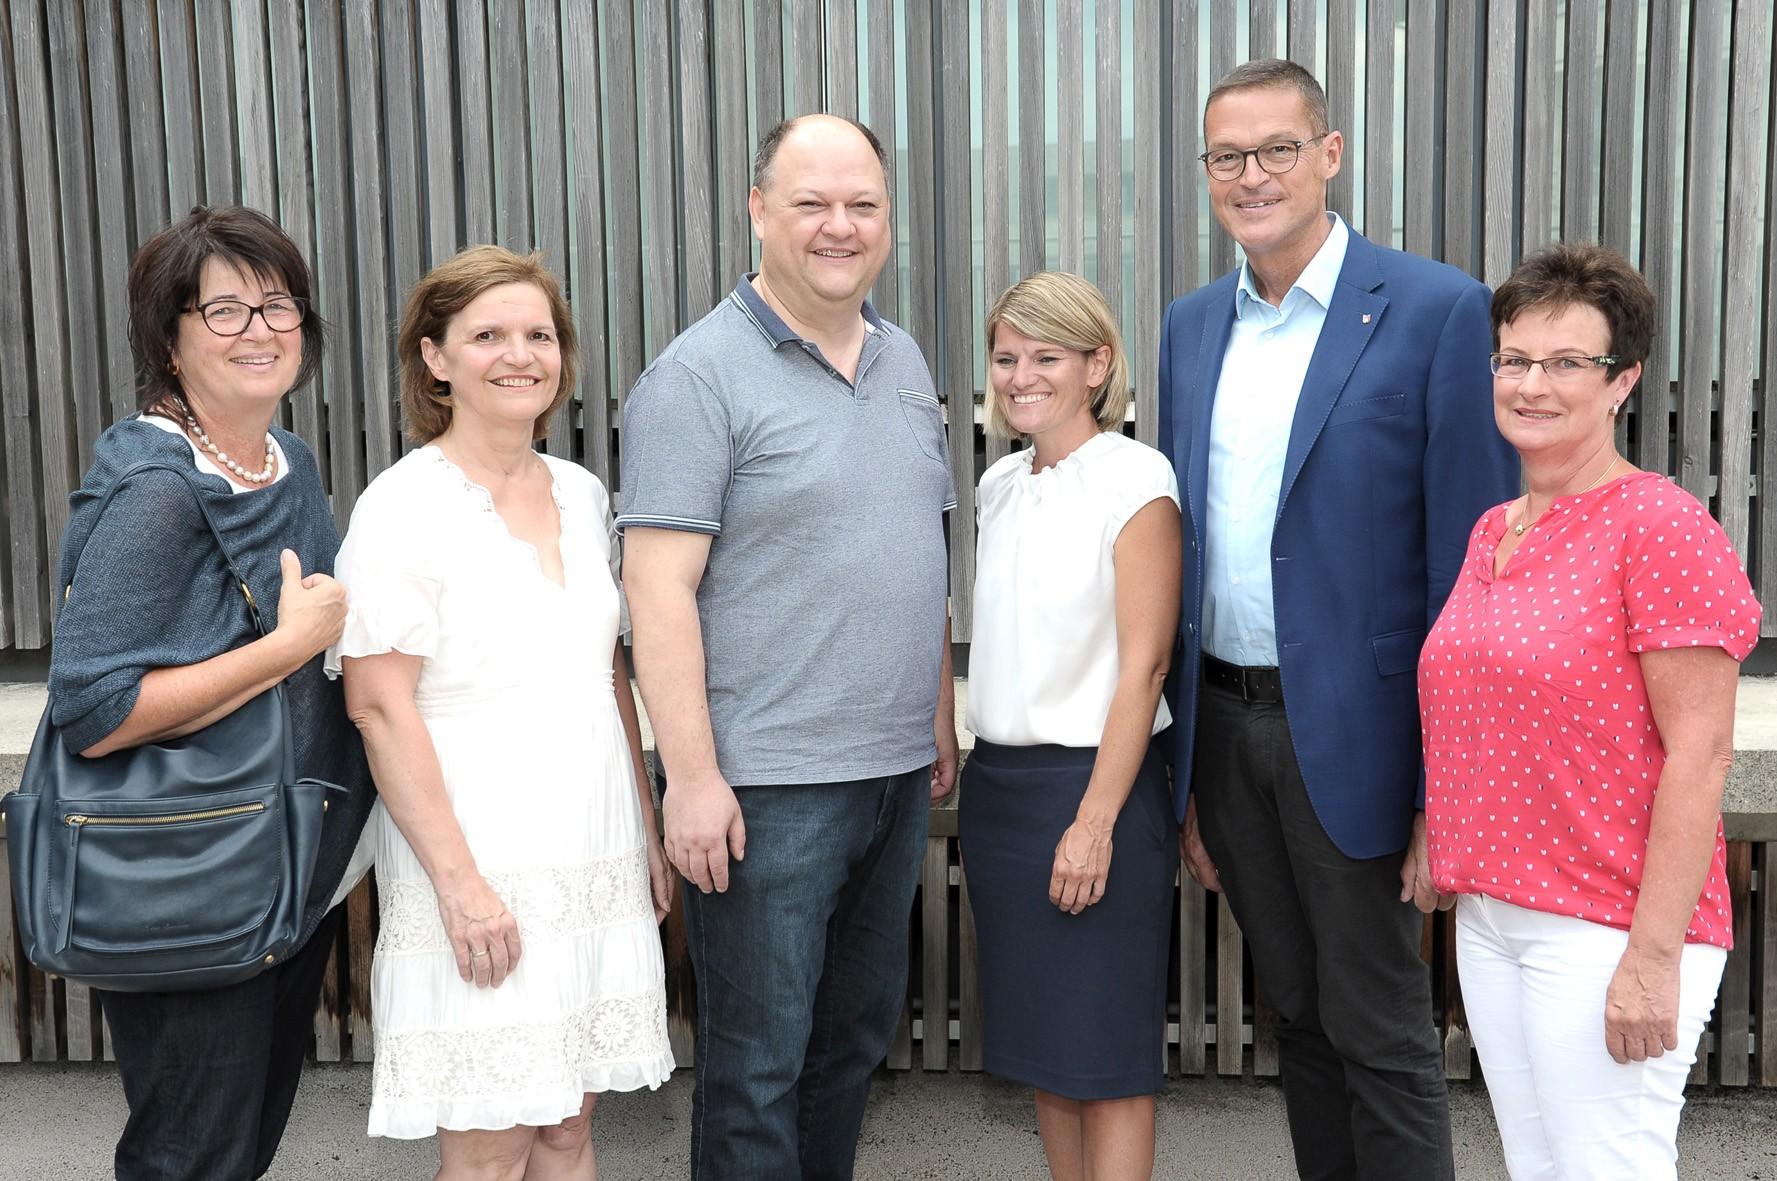 Familienverband: 64 Jahre erfolgreiche Familienarbeit